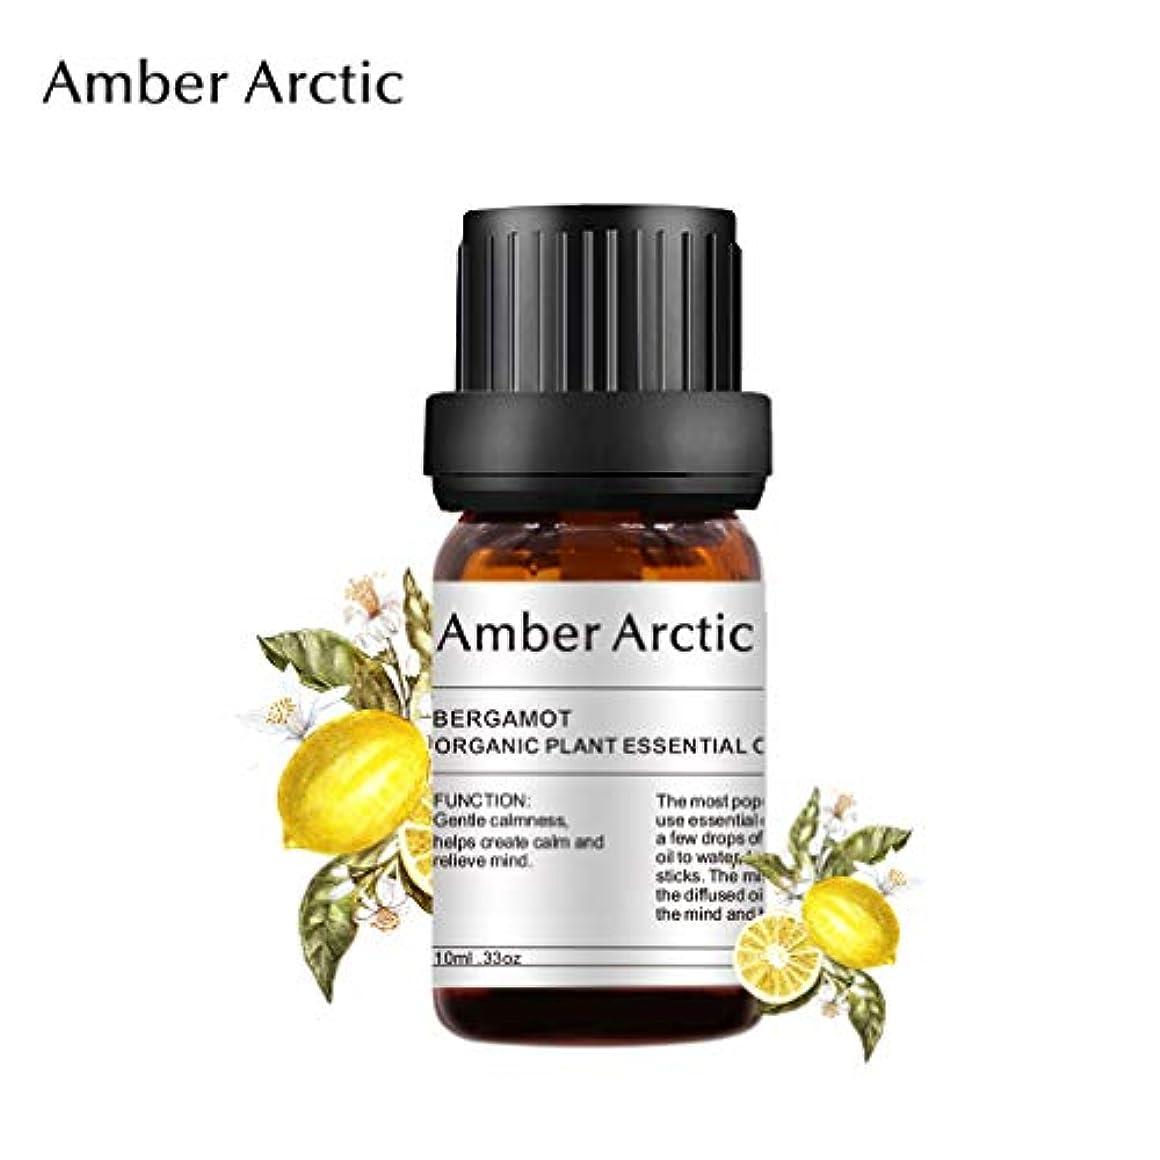 修復間欠塗抹AMBER ARCTIC エッセンシャル オイル ディフューザー 用 100% 純粋 新鮮 有機 植物 療法 ベルガモット オイル 10Ml/0.33Oz ベルガモット